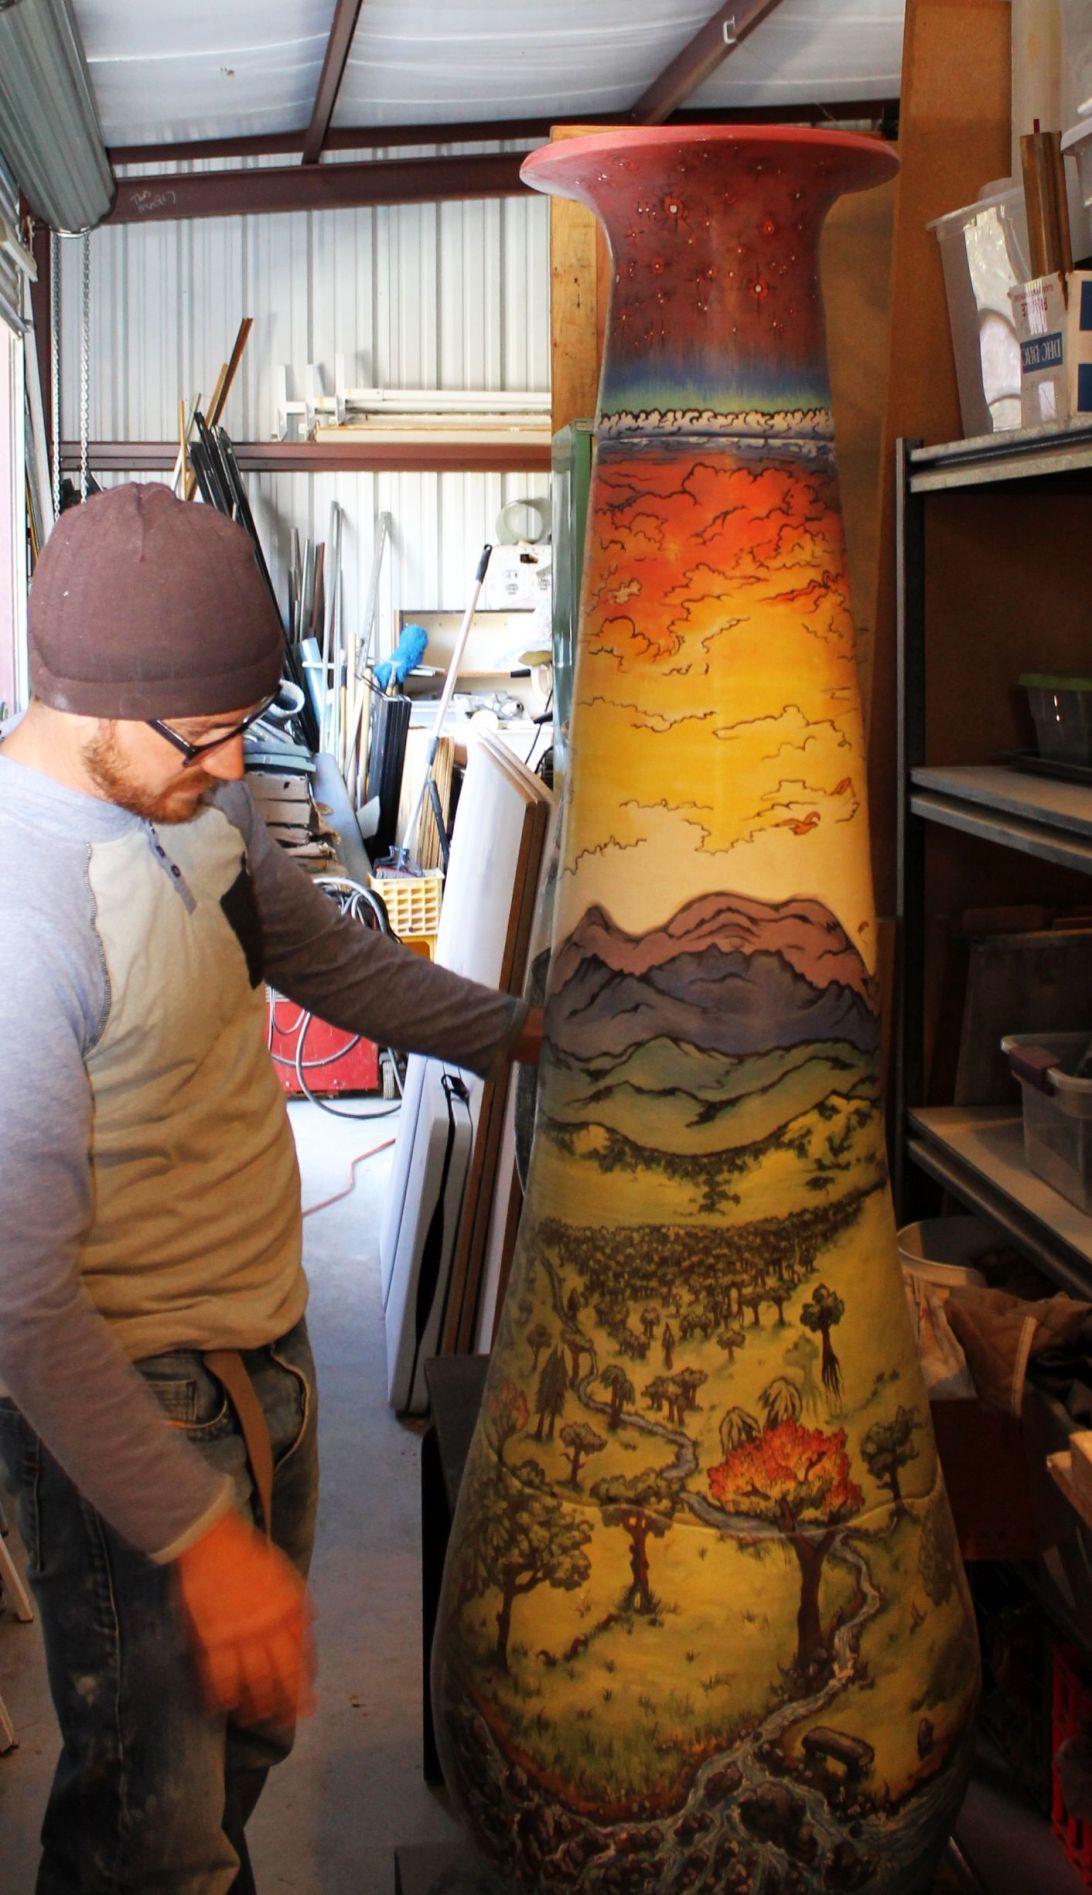 Studio adventures at NBC Pottery